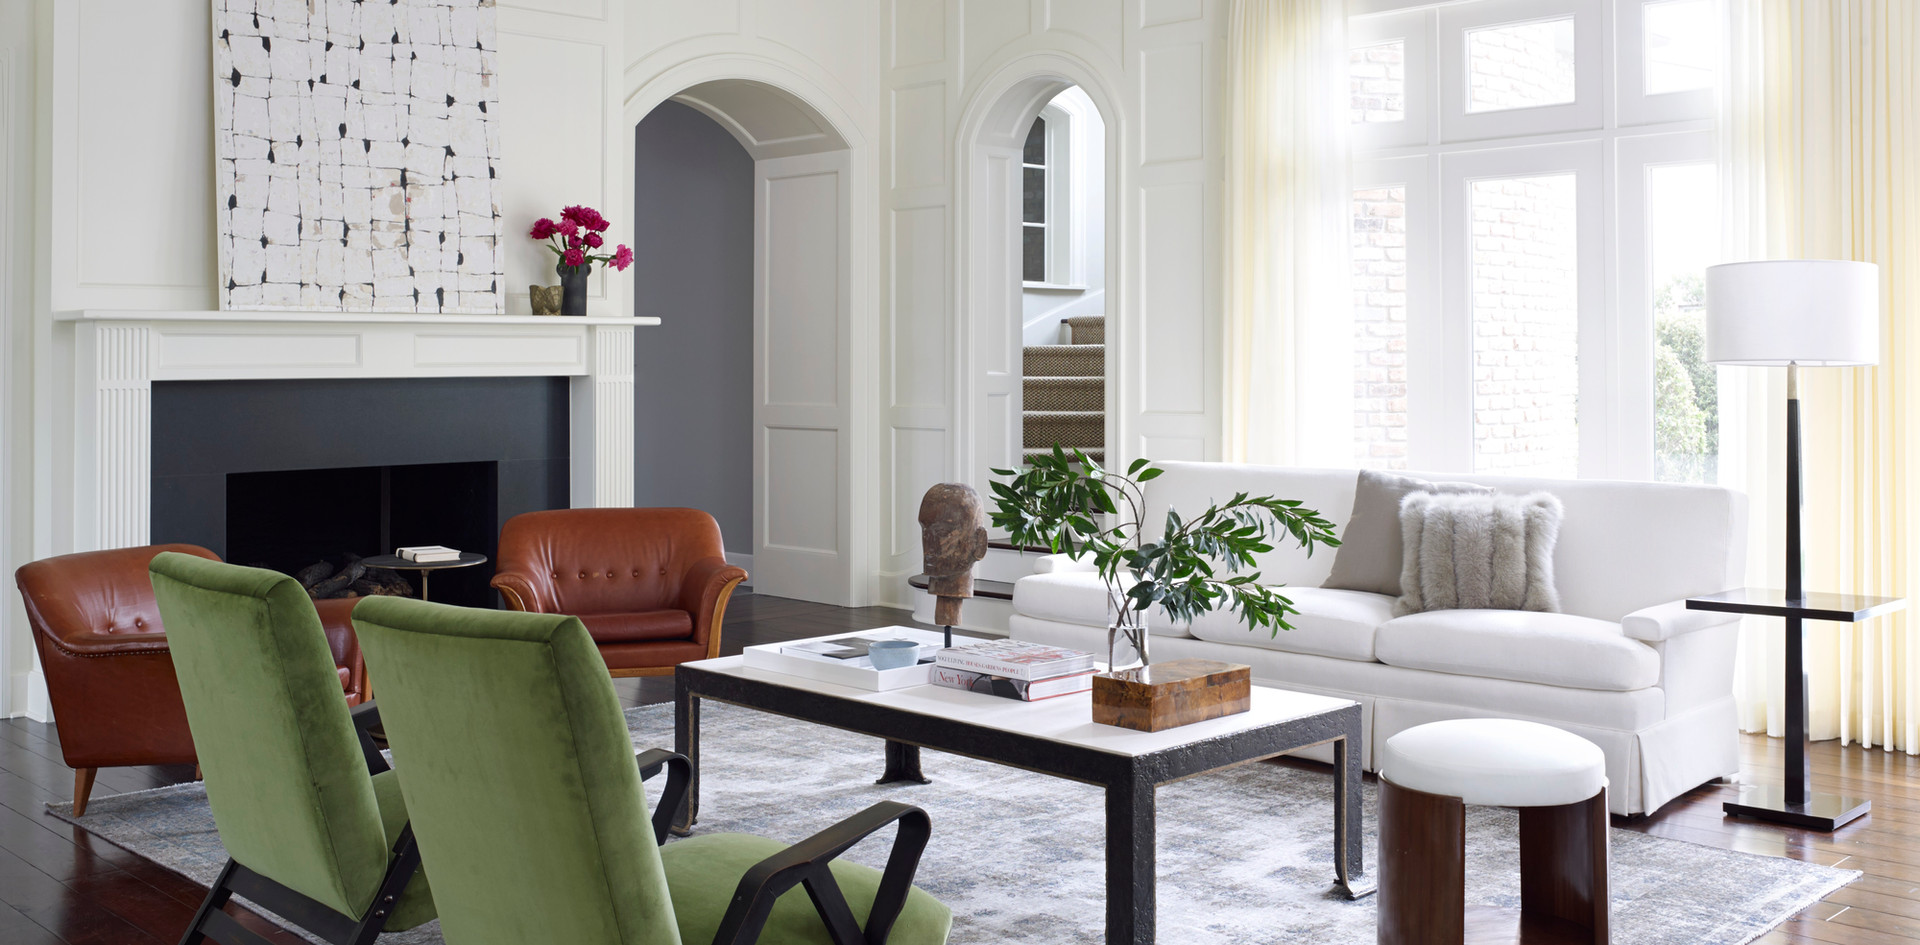 74 East Shore-Living Room-174.jpg